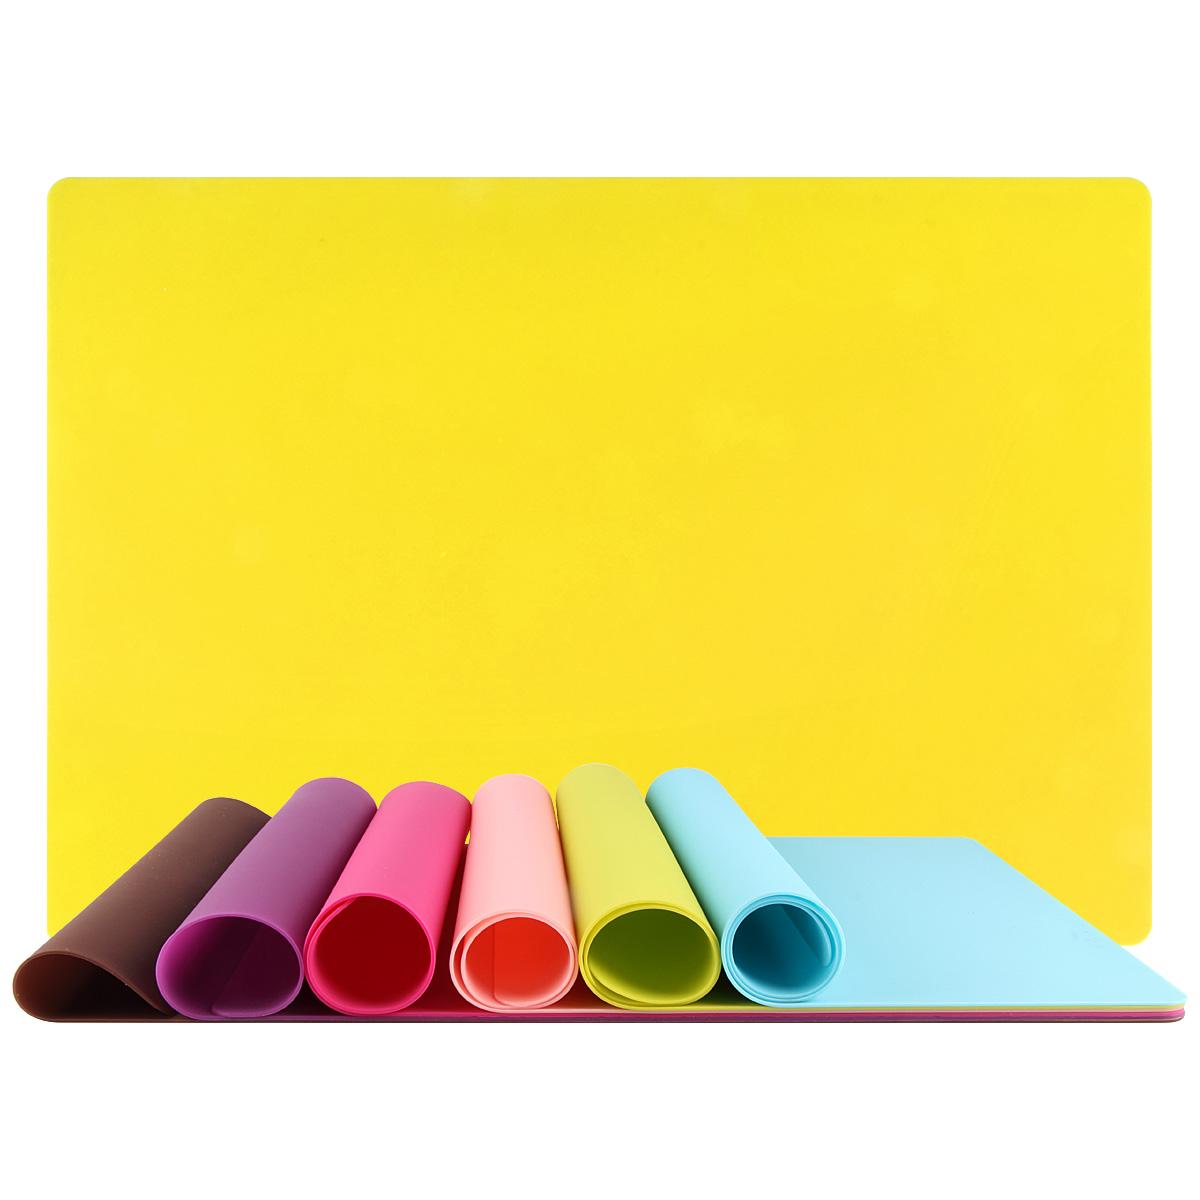 鉑金矽膠西餐墊 大號多用途廚房抽屜墊防潮墊烘培墊 兒童桌墊